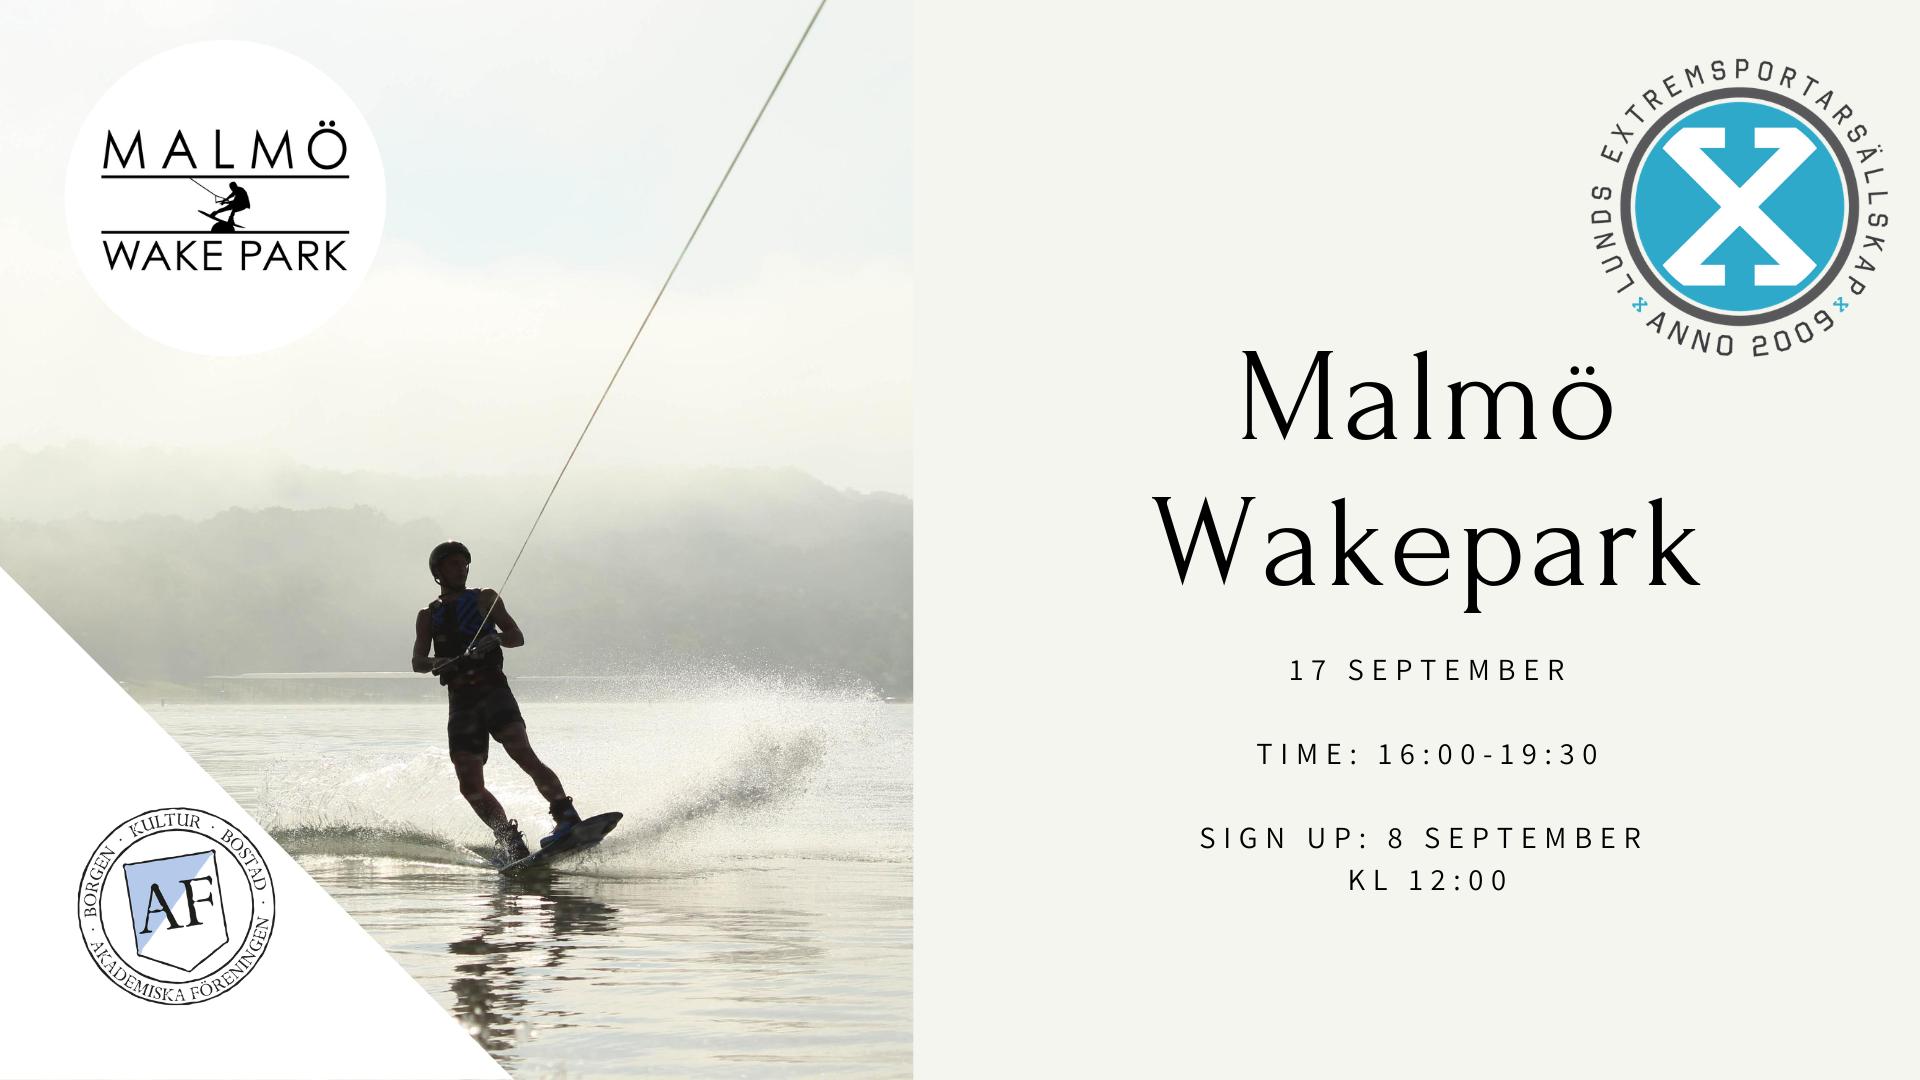 Malmö Wake Park